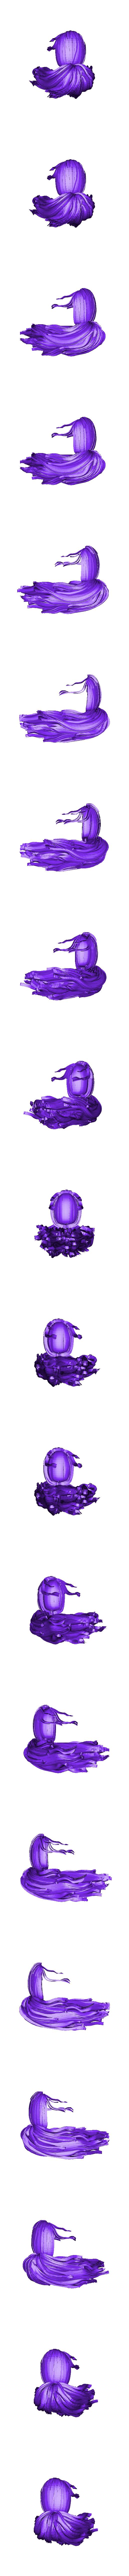 scavangerHairEXP-STL.stl Télécharger fichier STL gratuit Elf Bust - Une expérience pour des parties séparées • Plan pour imprimante 3D, okMOK